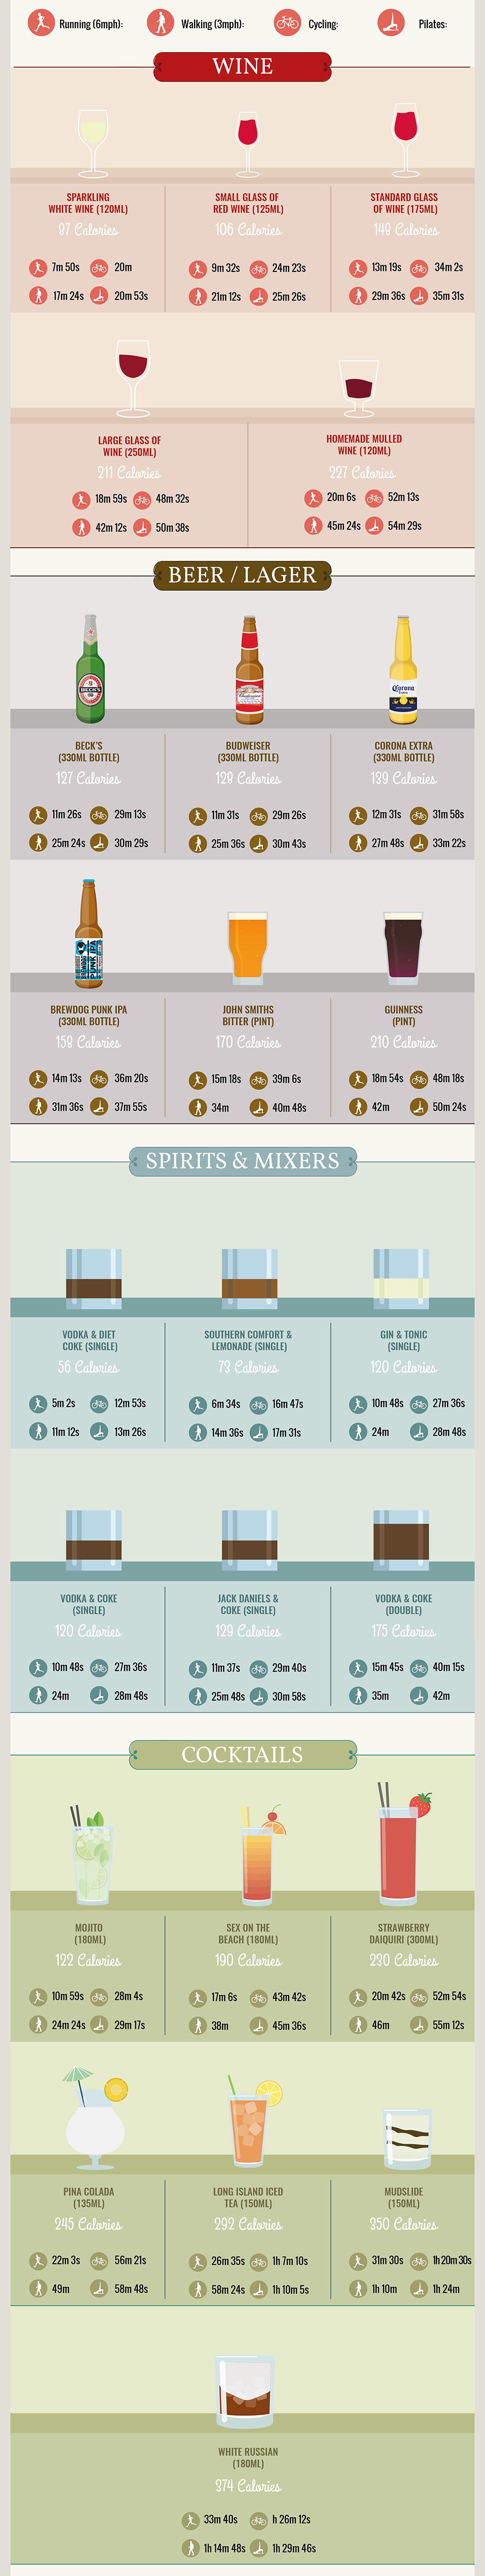 Koliko časa moramo biti fizično aktivni, da porabimo kalorije zaužite z alkoholom?